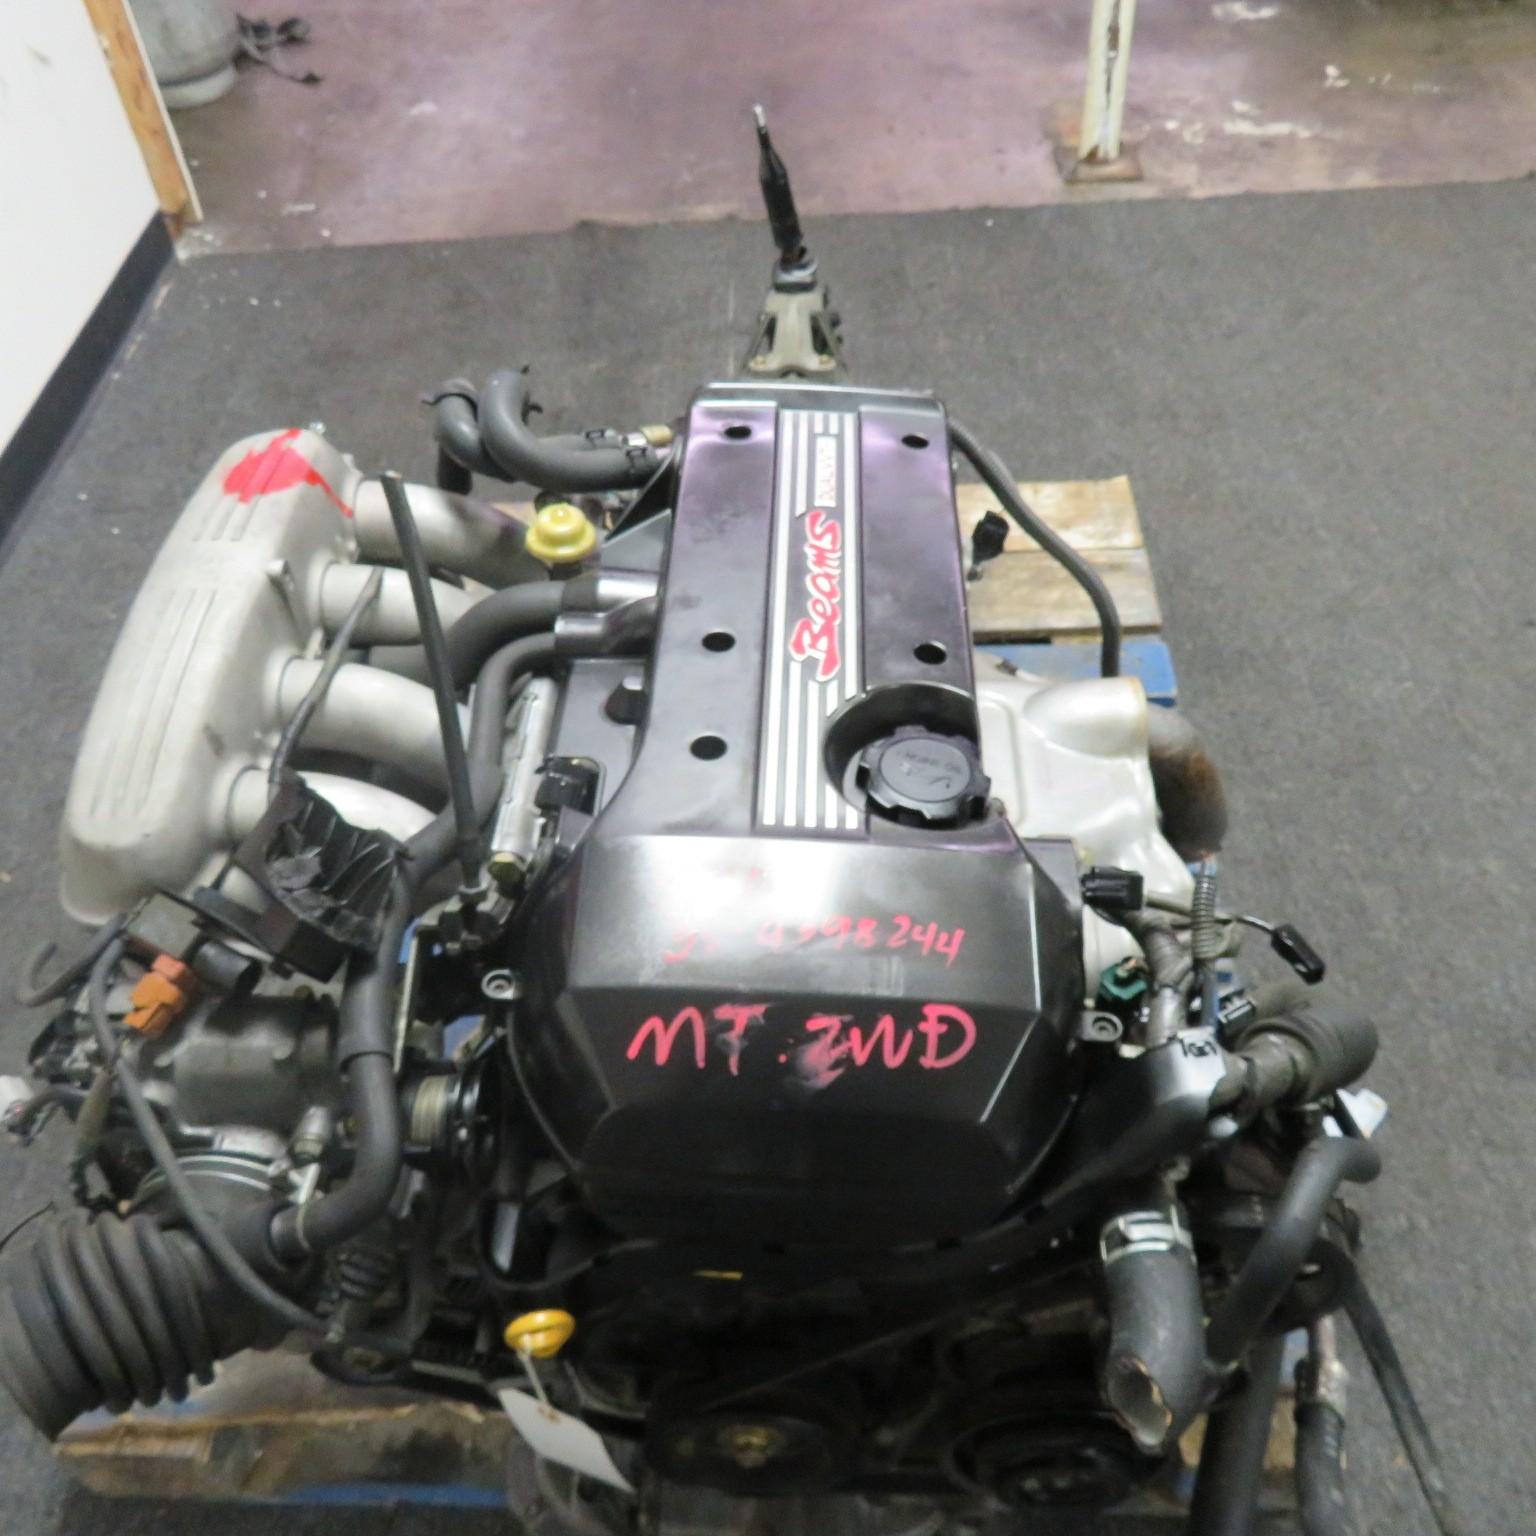 JDM TOYOTA ALTEZZA LEXUS IS300 3SGE BEAMS DUAL VVTi 2.0L ENGINE, 6 SPEED TRANSMISSION, WIRING, ECU